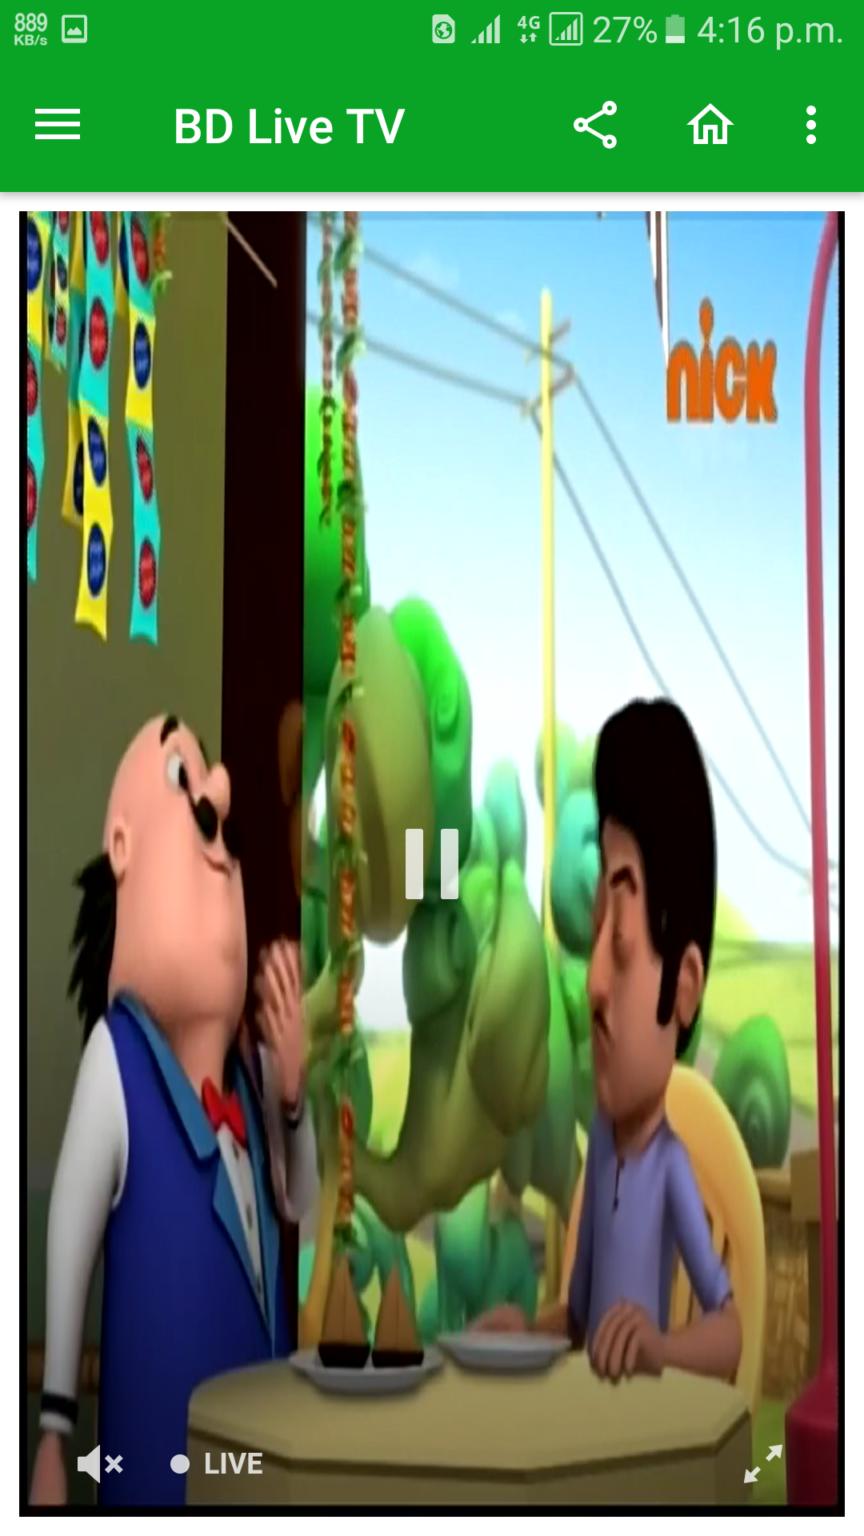 [Live TV Update]দেখুন এড ফ্রি লাইভটিভি একদম ফ্রি,আনলিমিটেড।রয়েছে ৫০+ দেশী বিদেশি চ্যানেল।